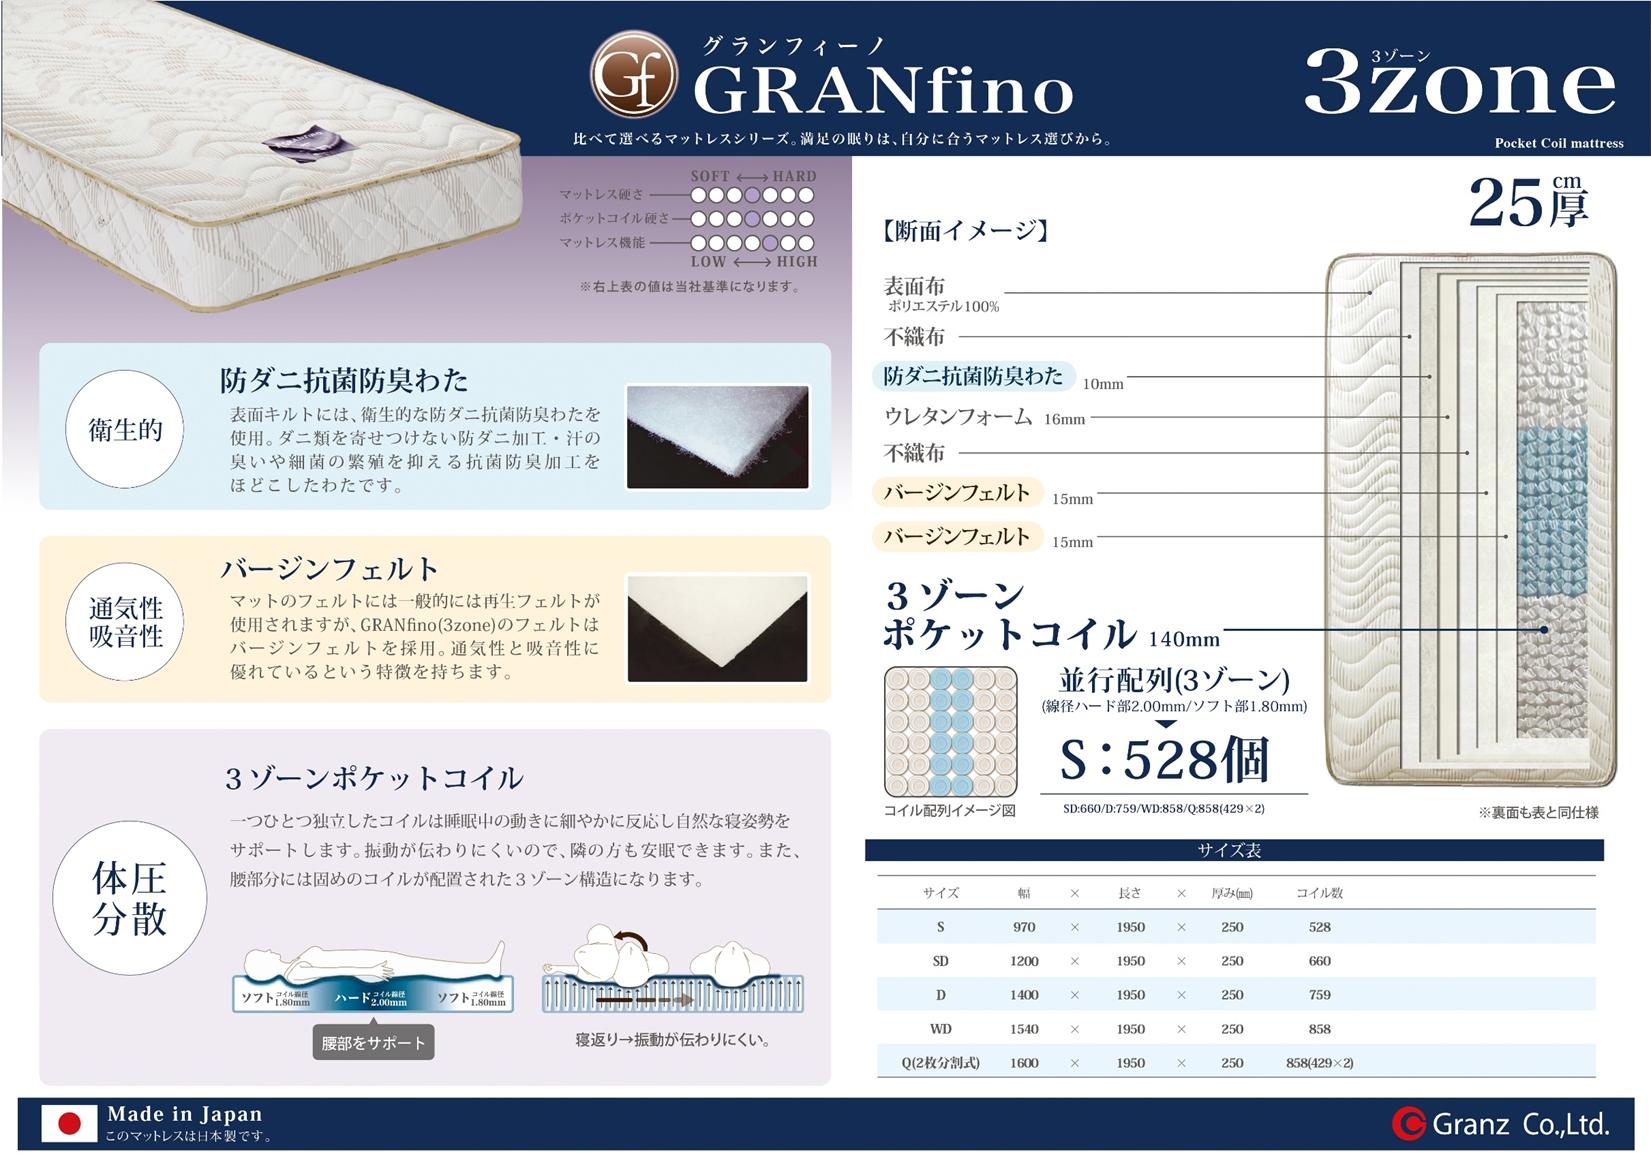 グランフィーノ3ゾーンB